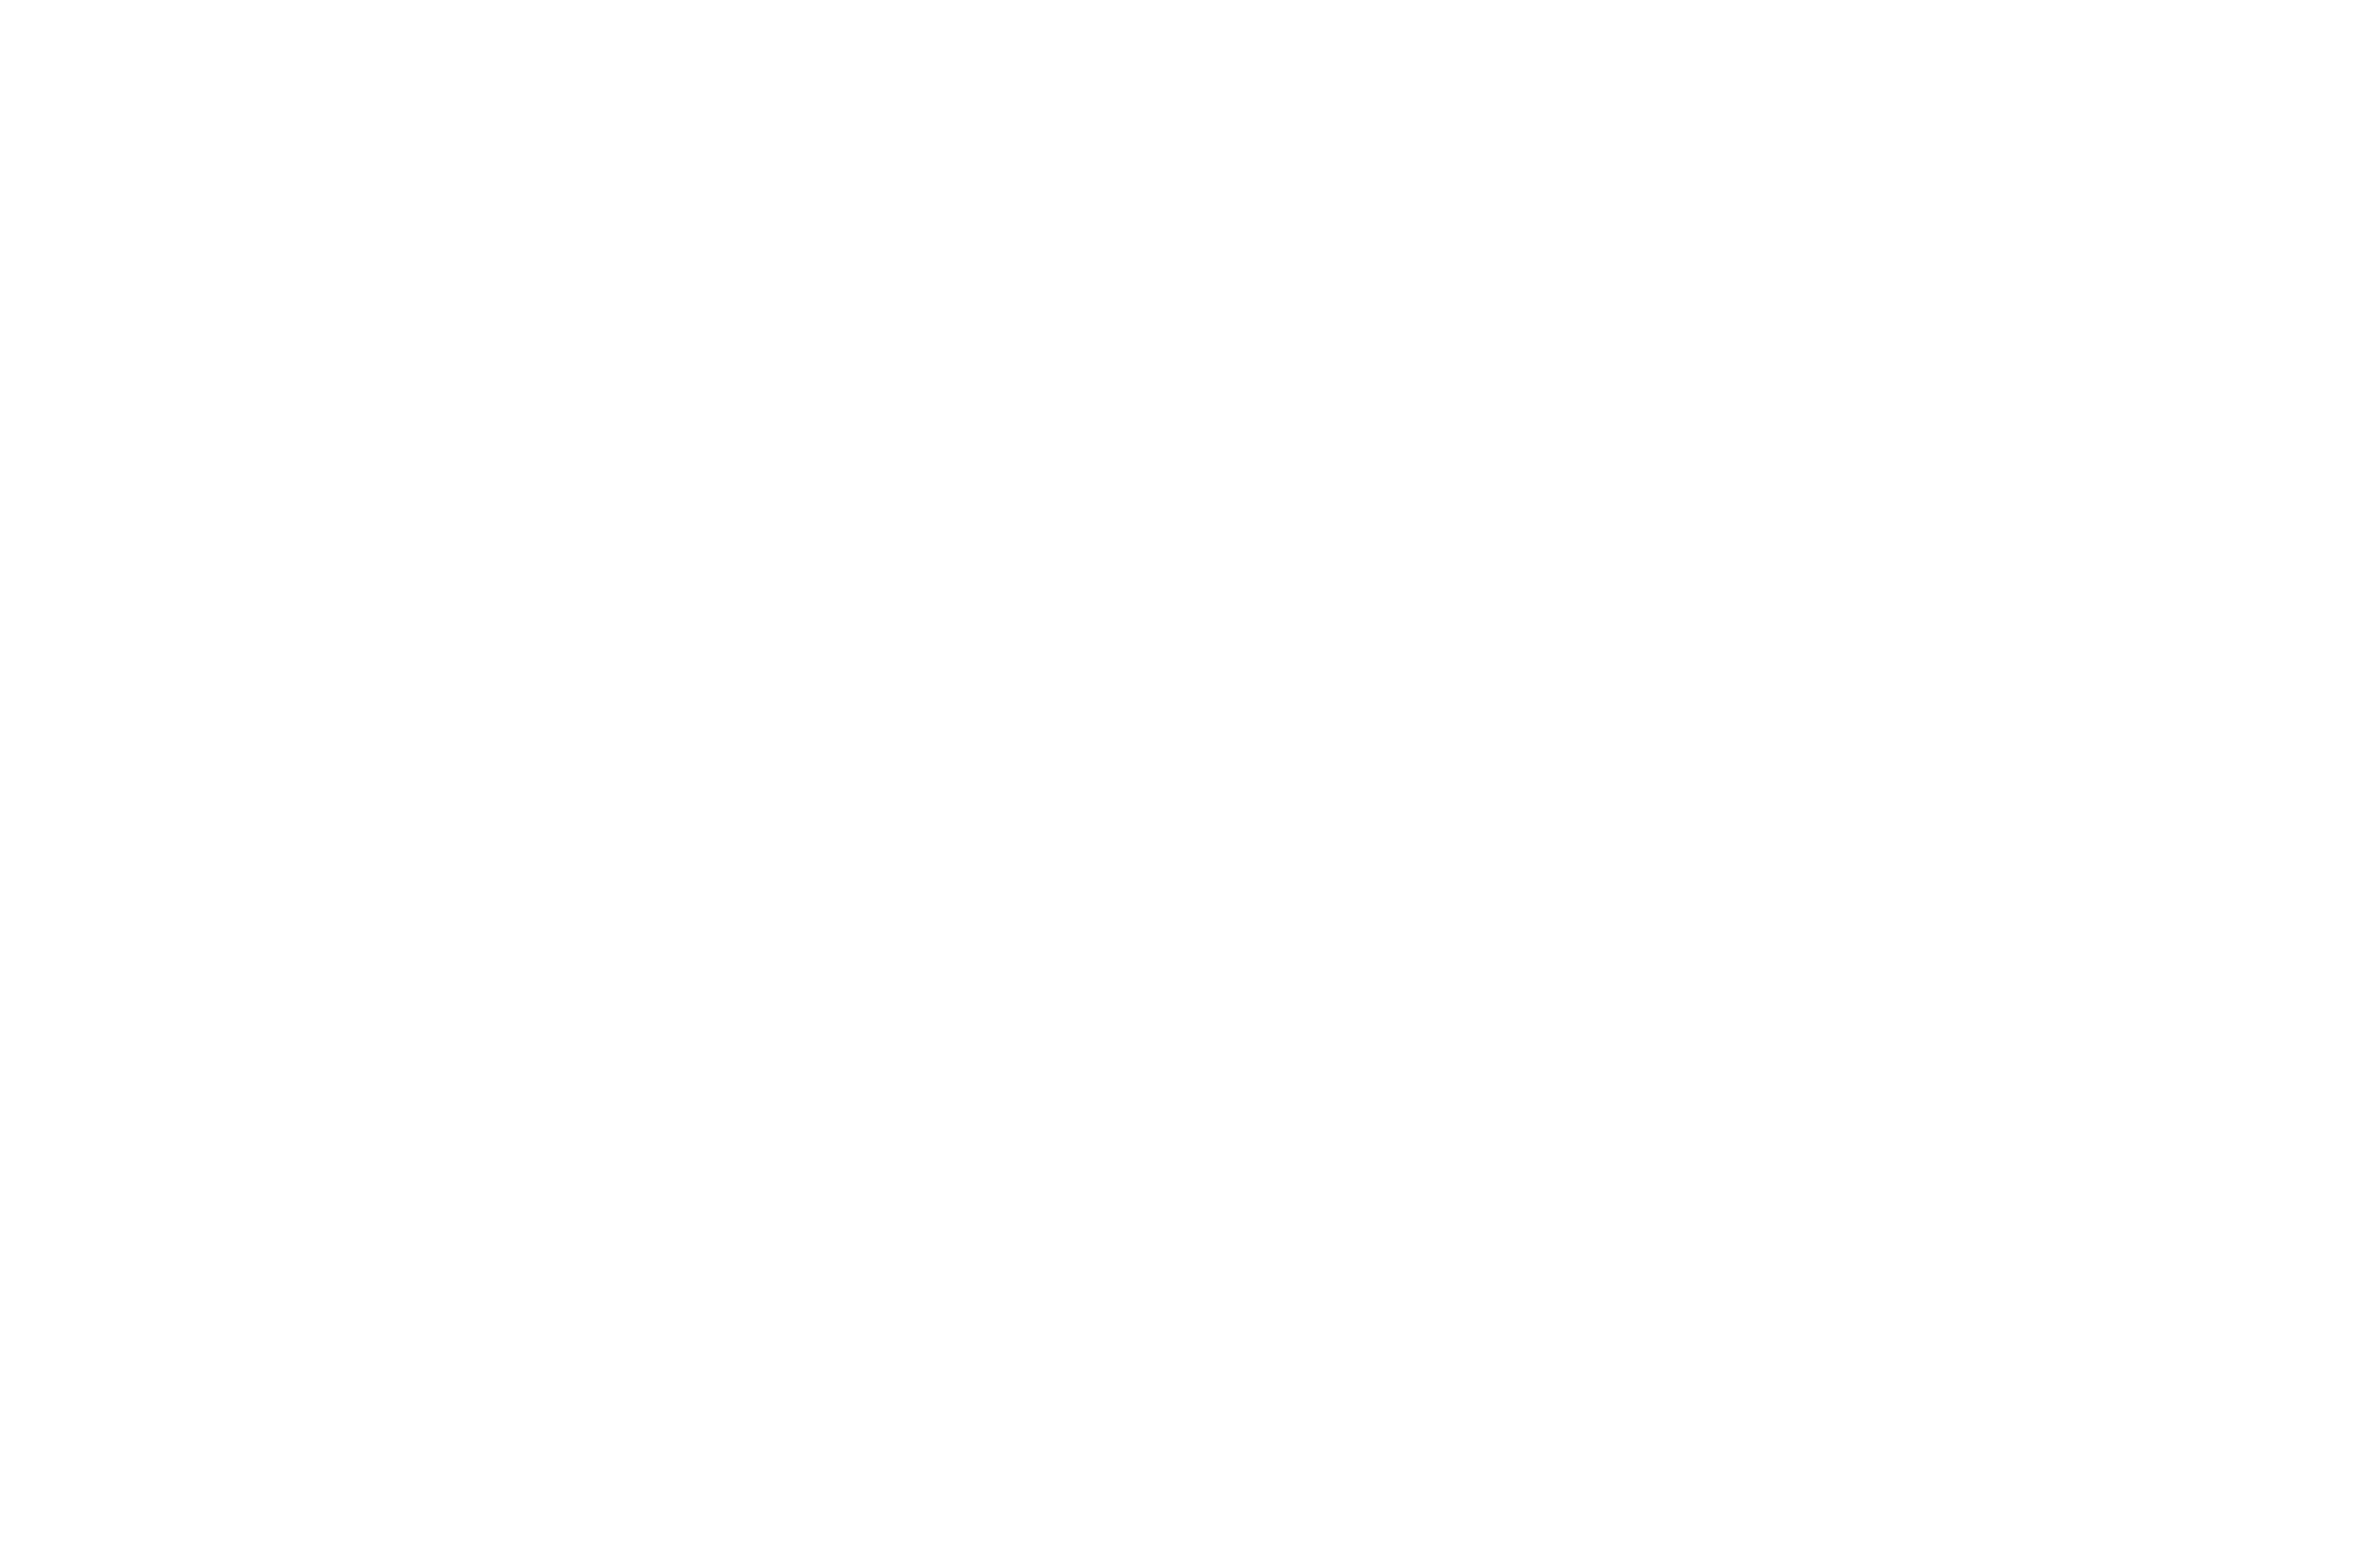 Icono_Galeria_Pagina_WEB-01